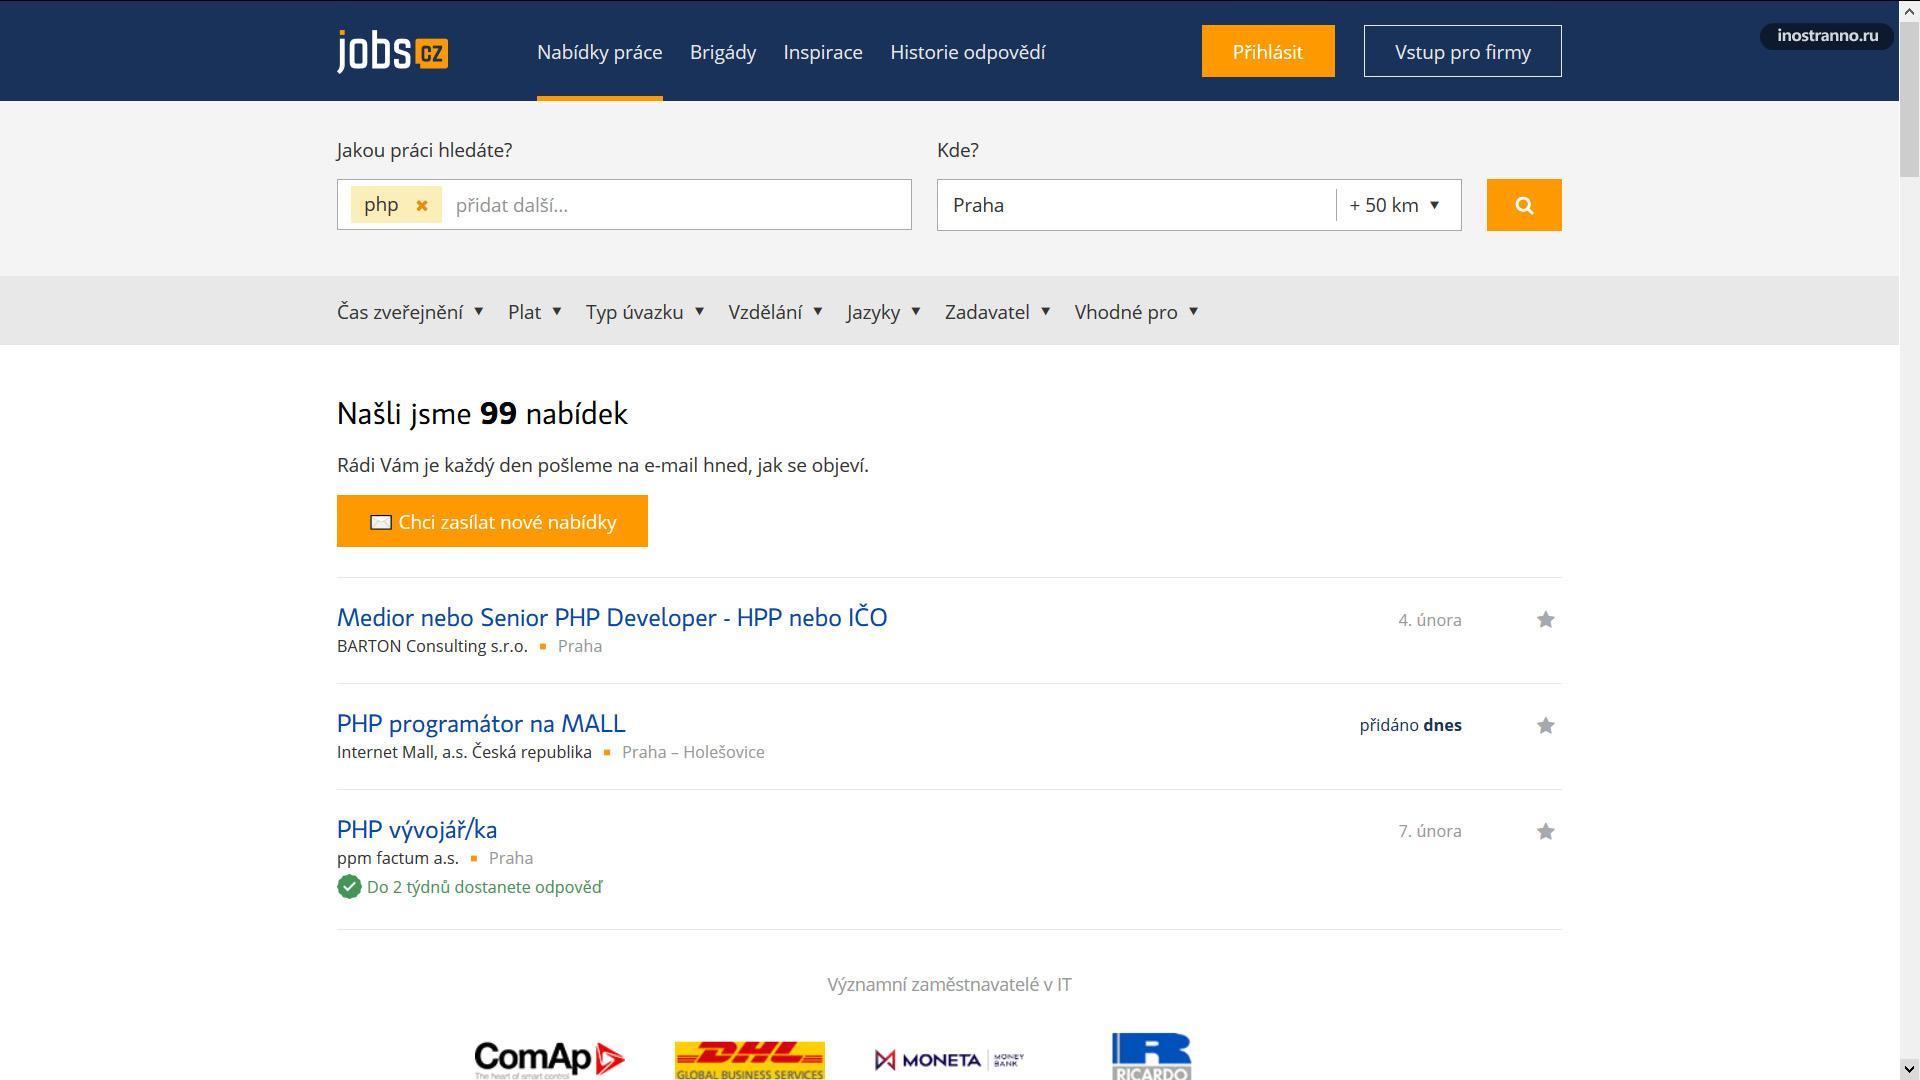 Самый крупный сайт по поиску работы в Чехии